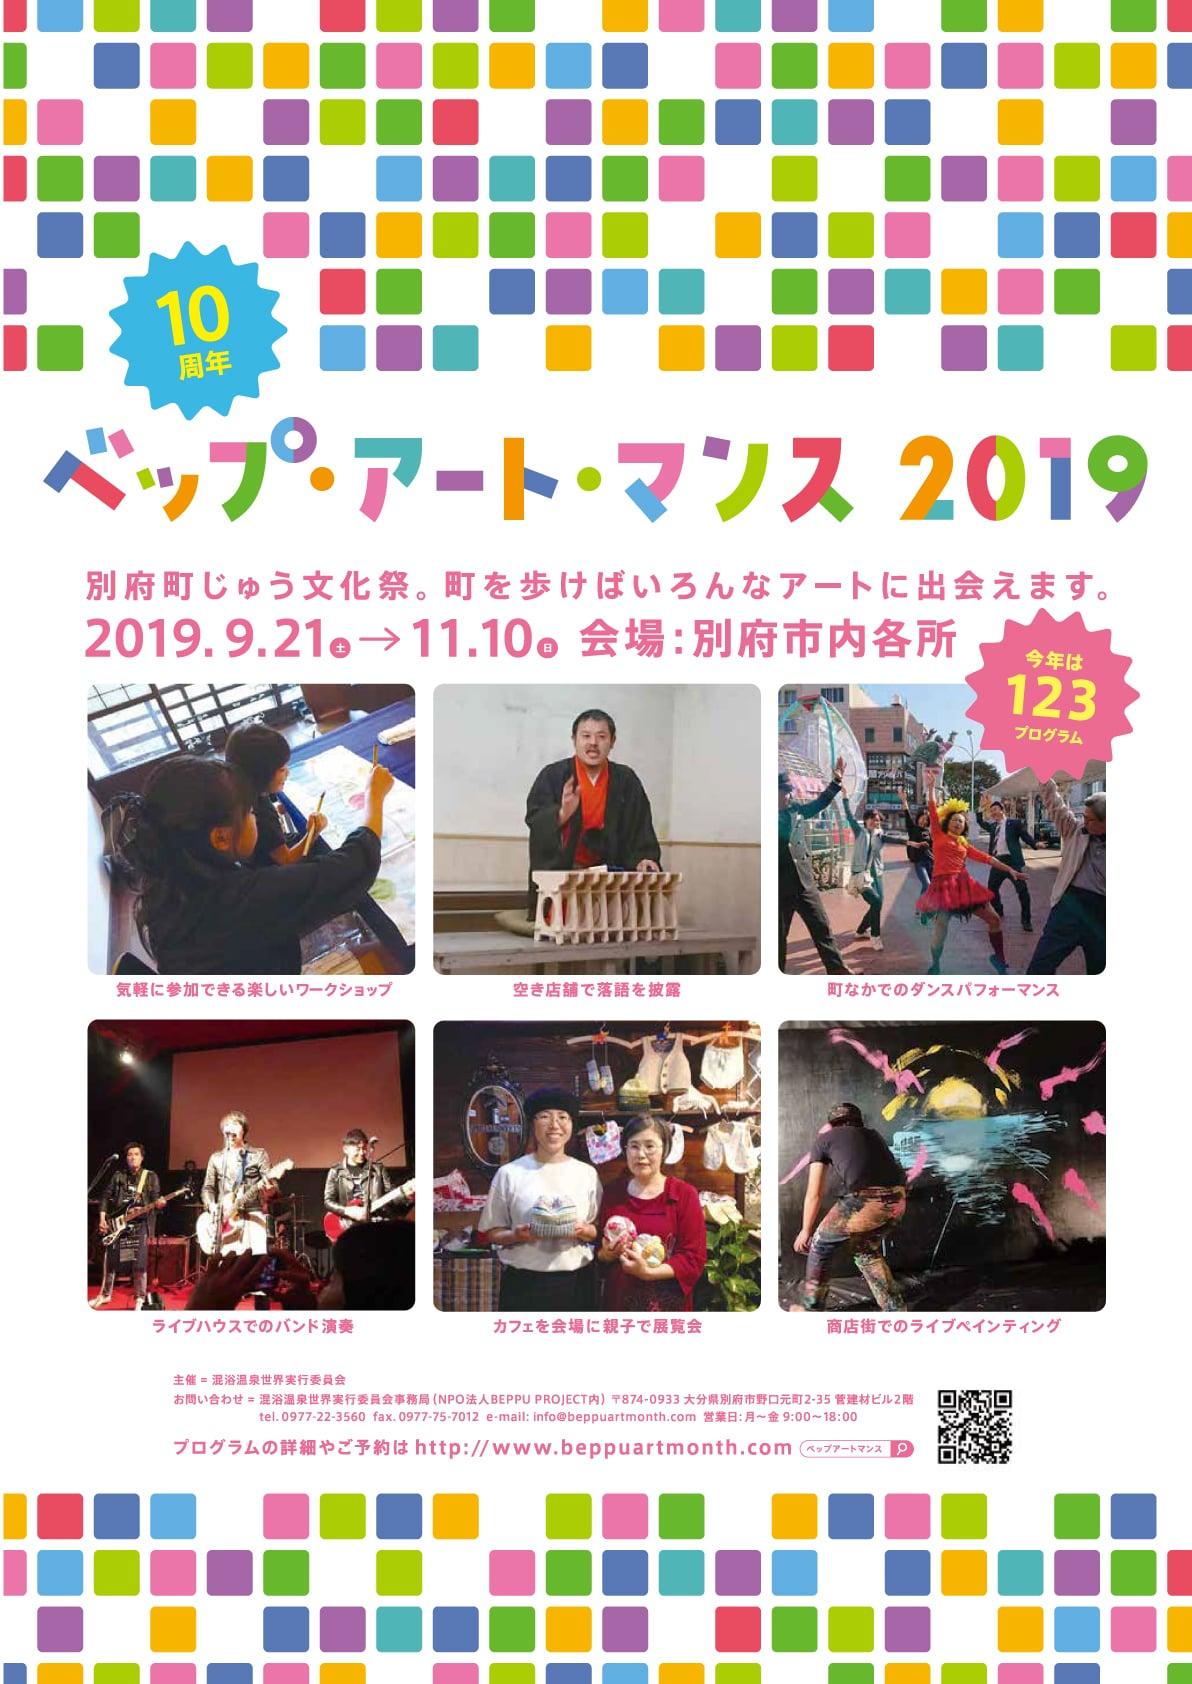 ベップ・アート・マンス 2019 チラシ1